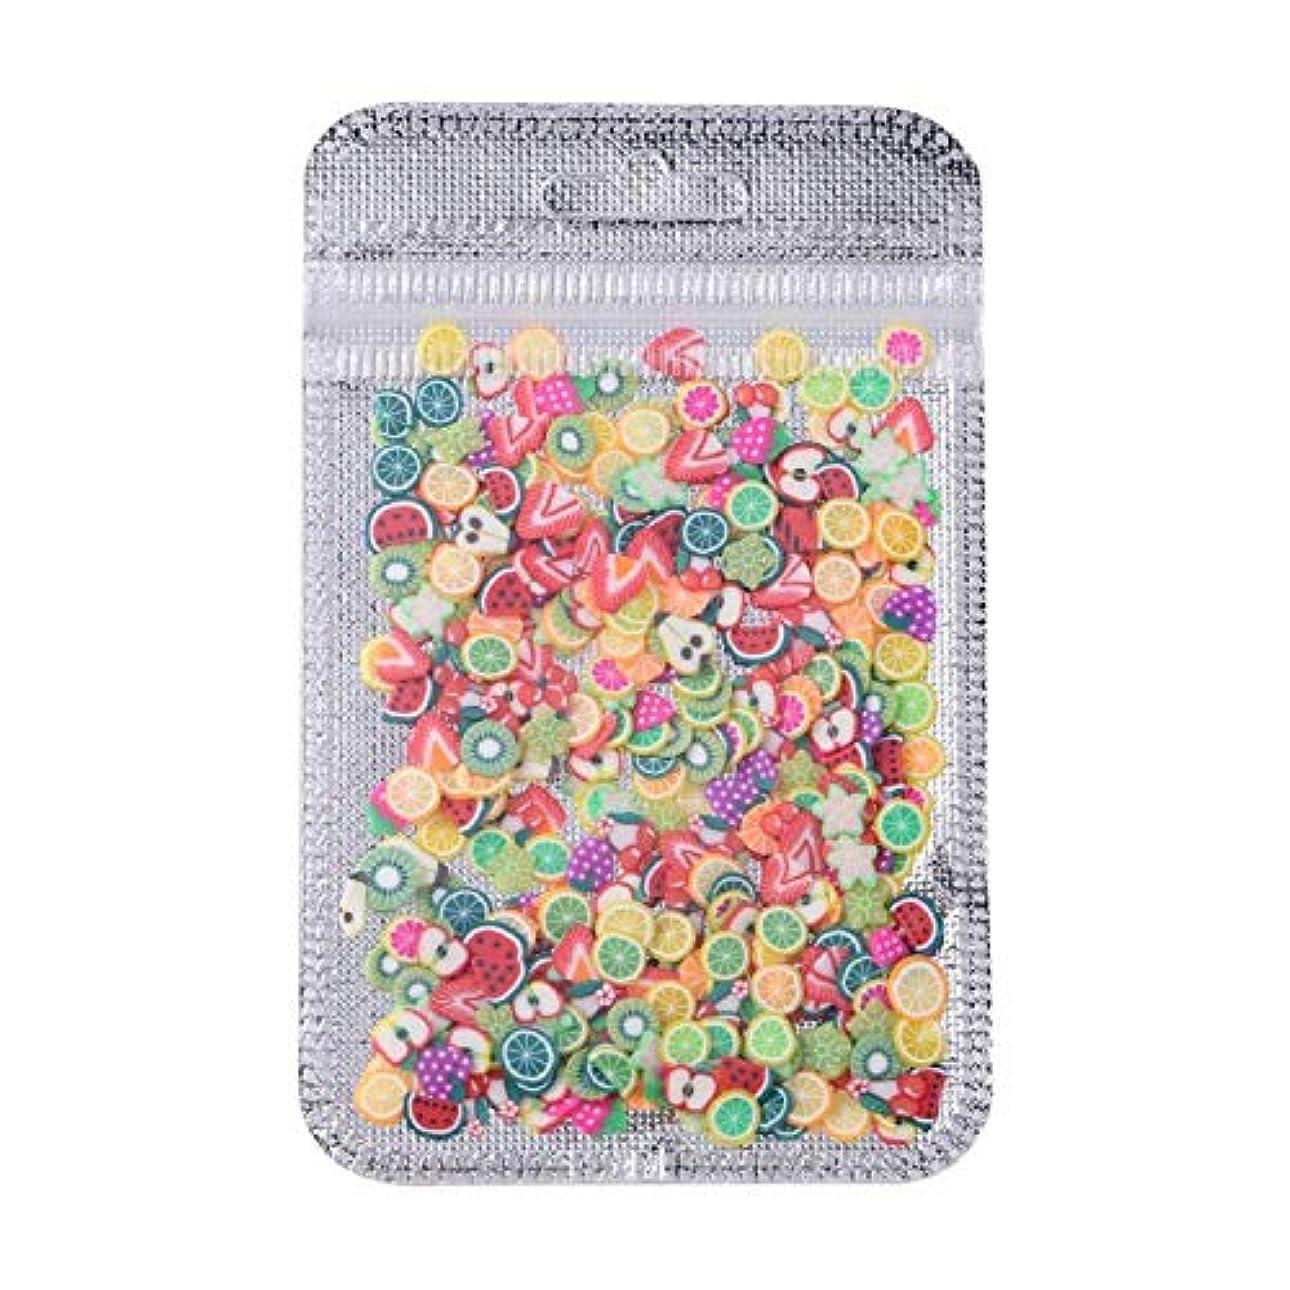 シャンプー窓望ましいネイルヒントインテリアネイルアートポリマー粘土装飾ヒントサロンデカールパッチ,Fruit